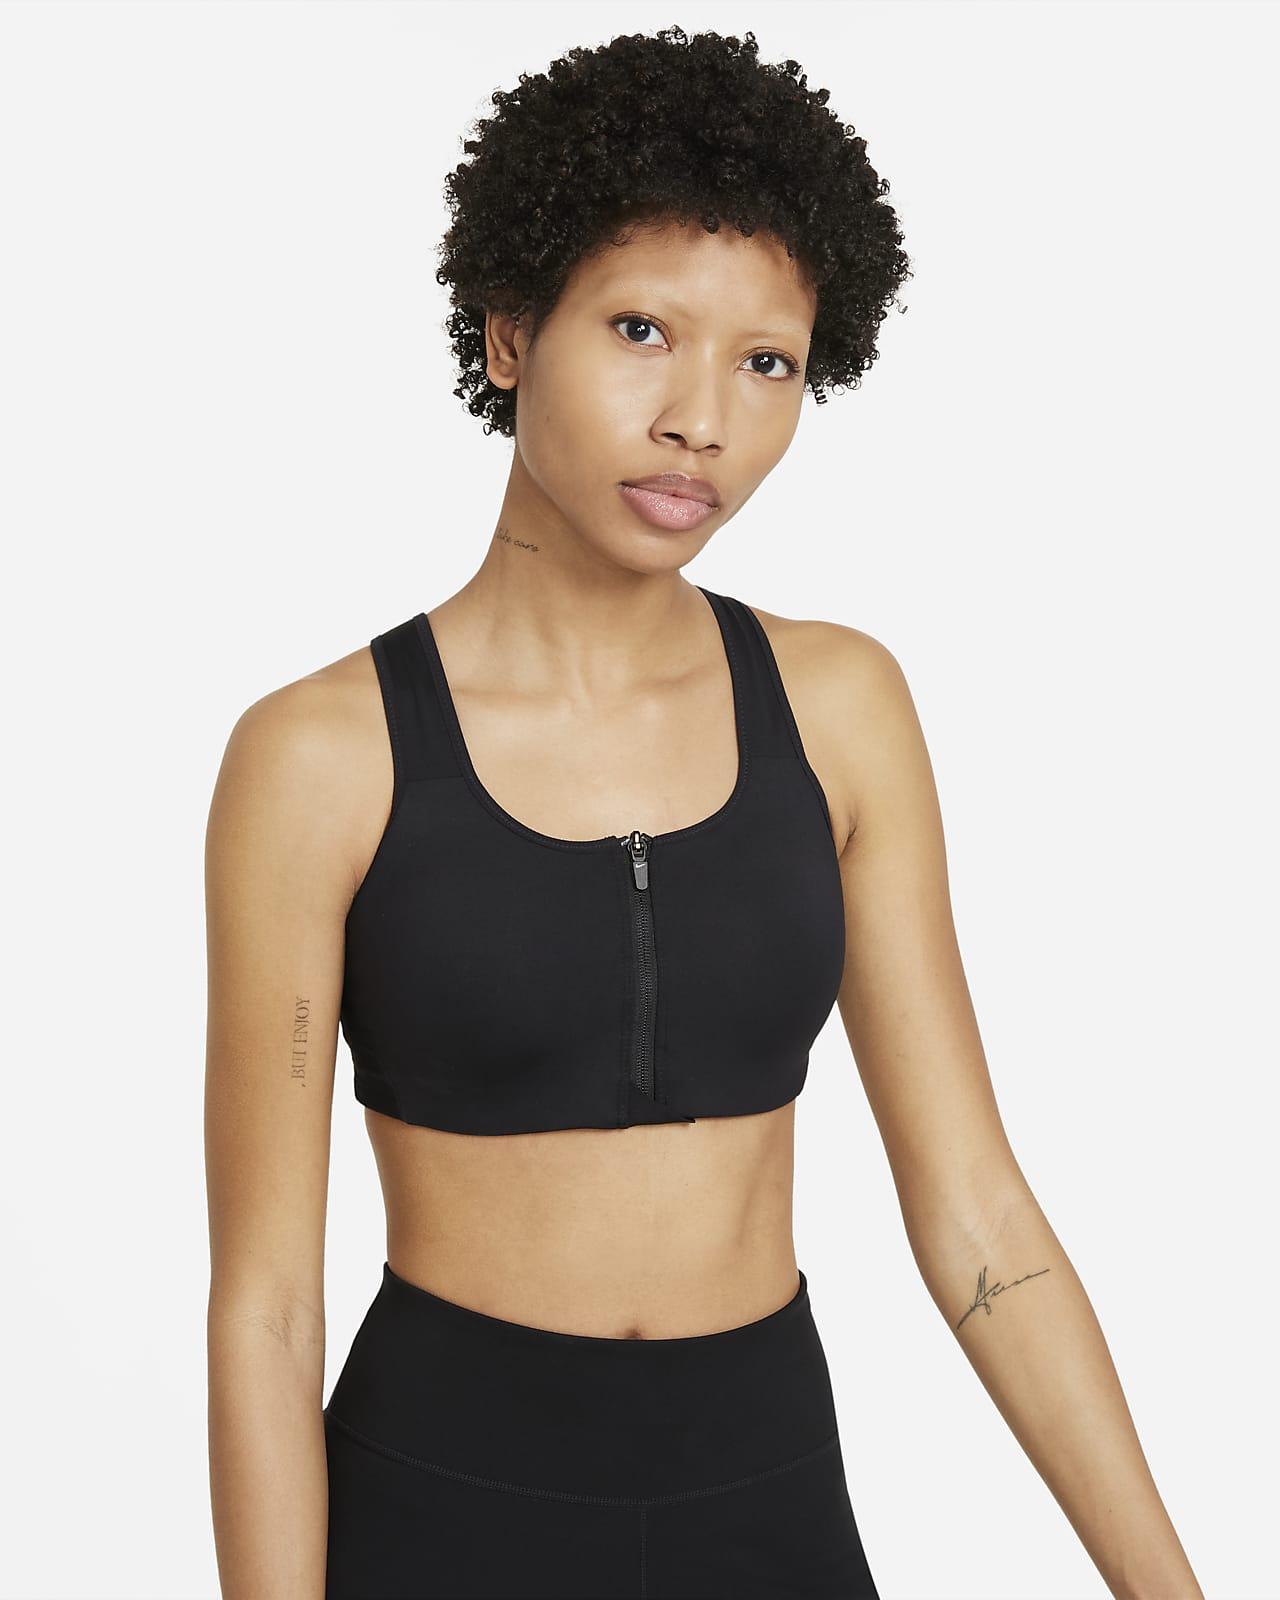 Brassière de sport rembourrée à maintien supérieur avec zip avant Nike Dri-FIT Shape pour Femme